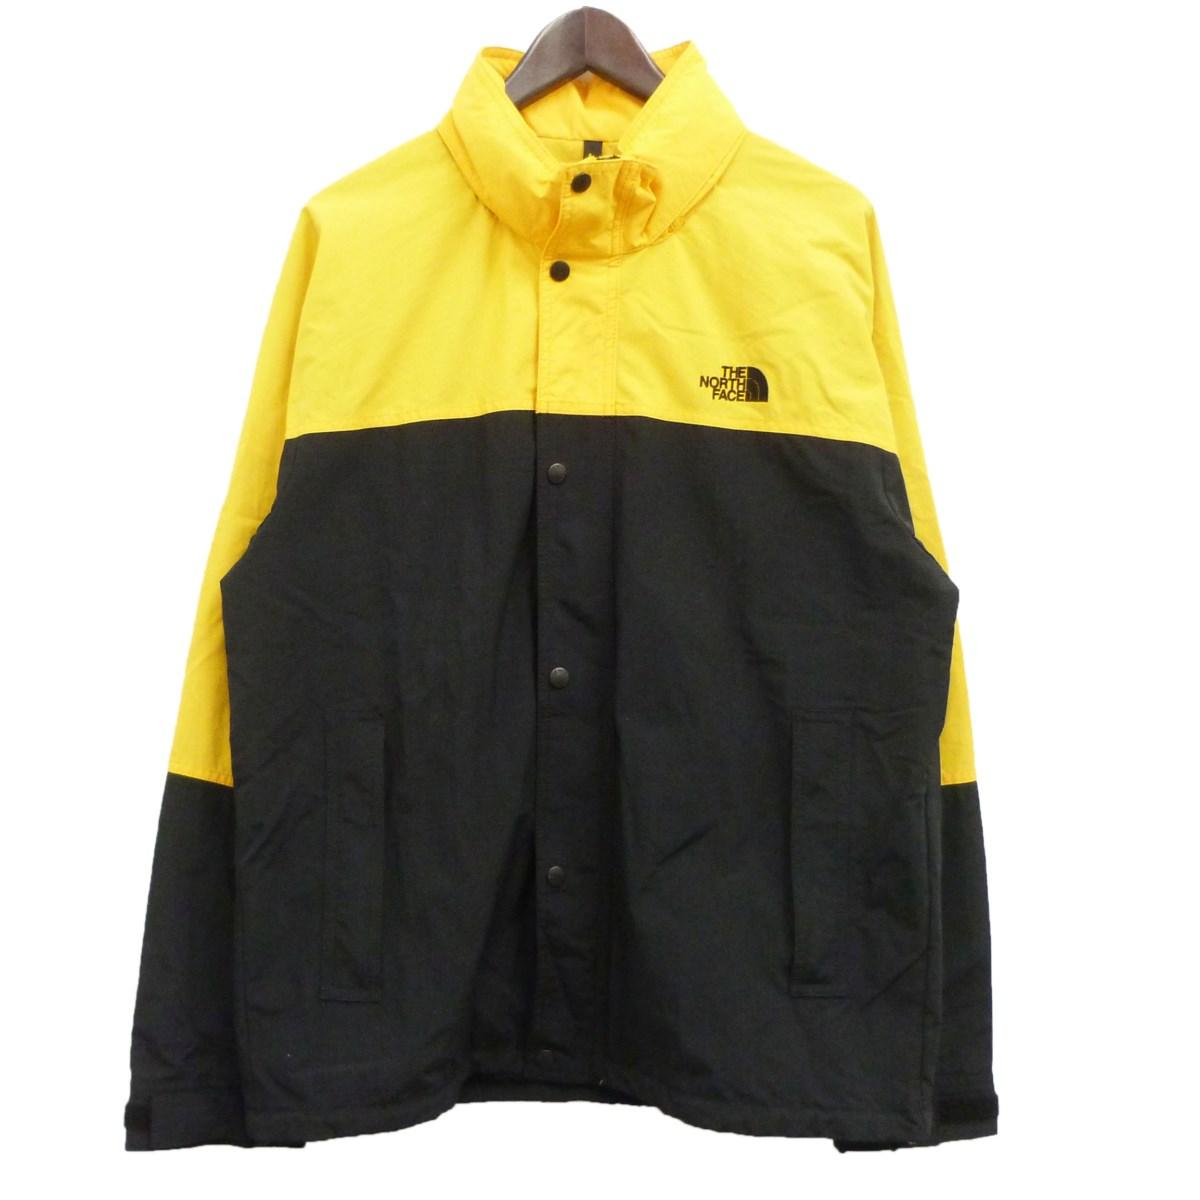 【中古】THE NORTH FACE 「Hydrena Wind Jacket」マウンテンパーカー イエロー×ブラック サイズ:L 【090220】(ザノースフェイス)